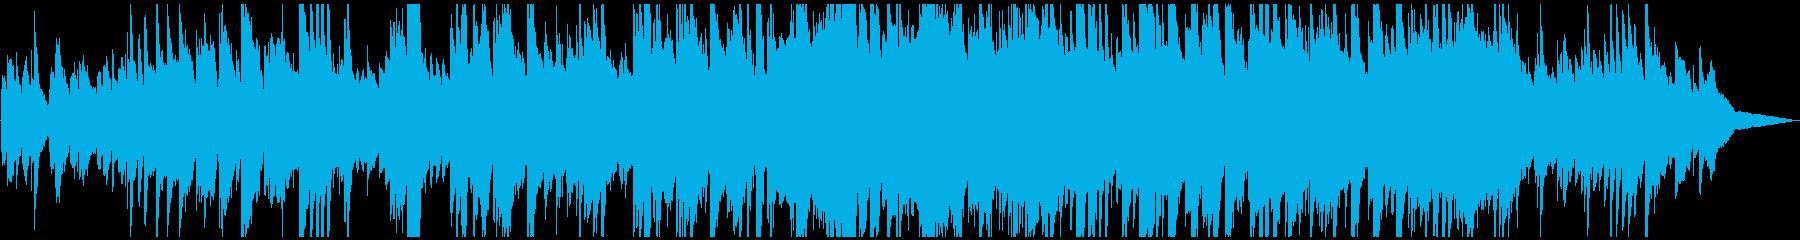 心の傷跡。深い悲しみを叫ぶピアノBGMの再生済みの波形